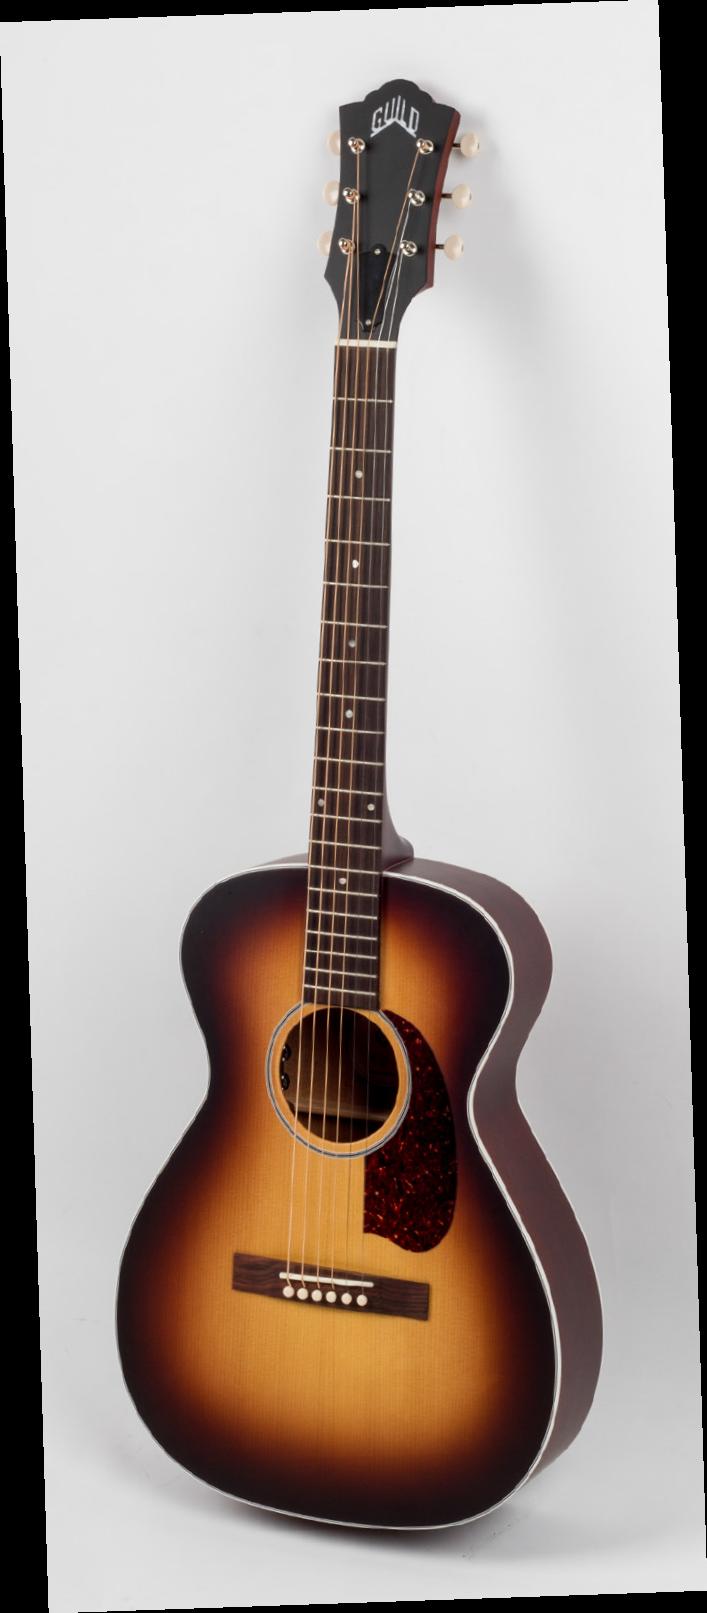 [AG杂志]十分适合乐手表演的小琴体吉他Guild M-40E Troubadour  AG295